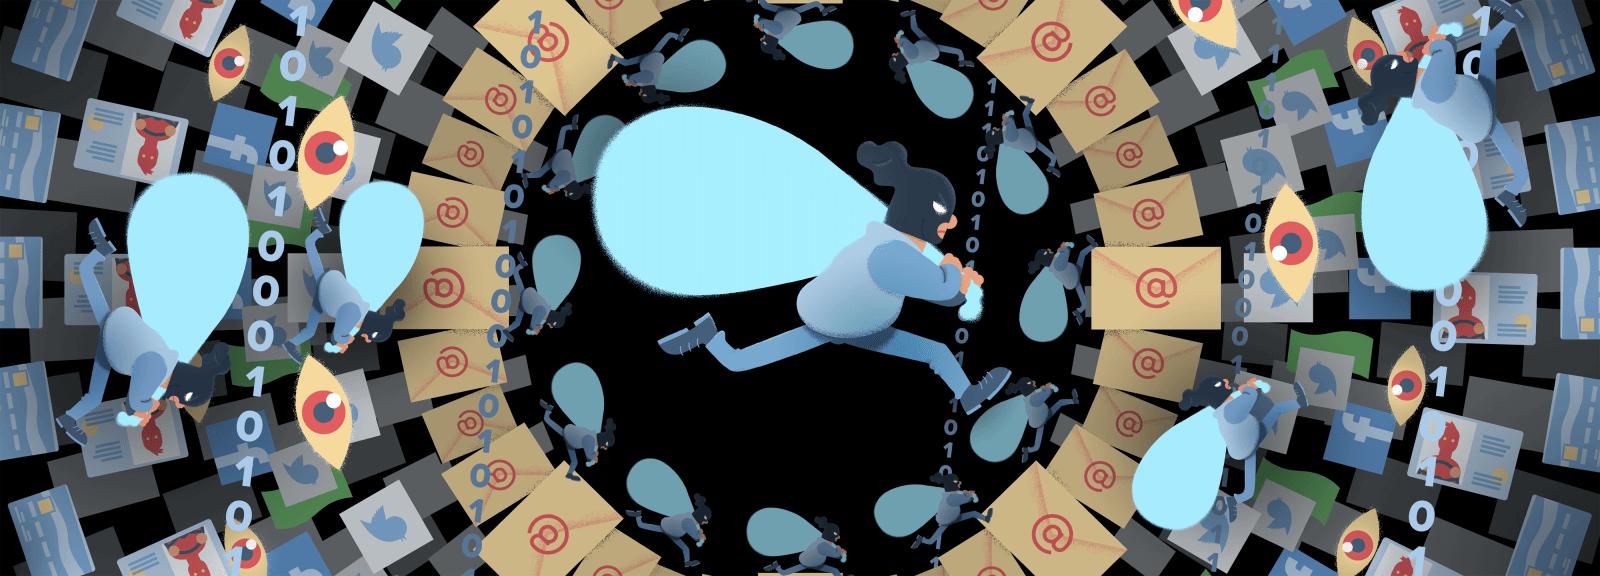 Cara Agar Kontak Tidak Disadap Pinjaman Online